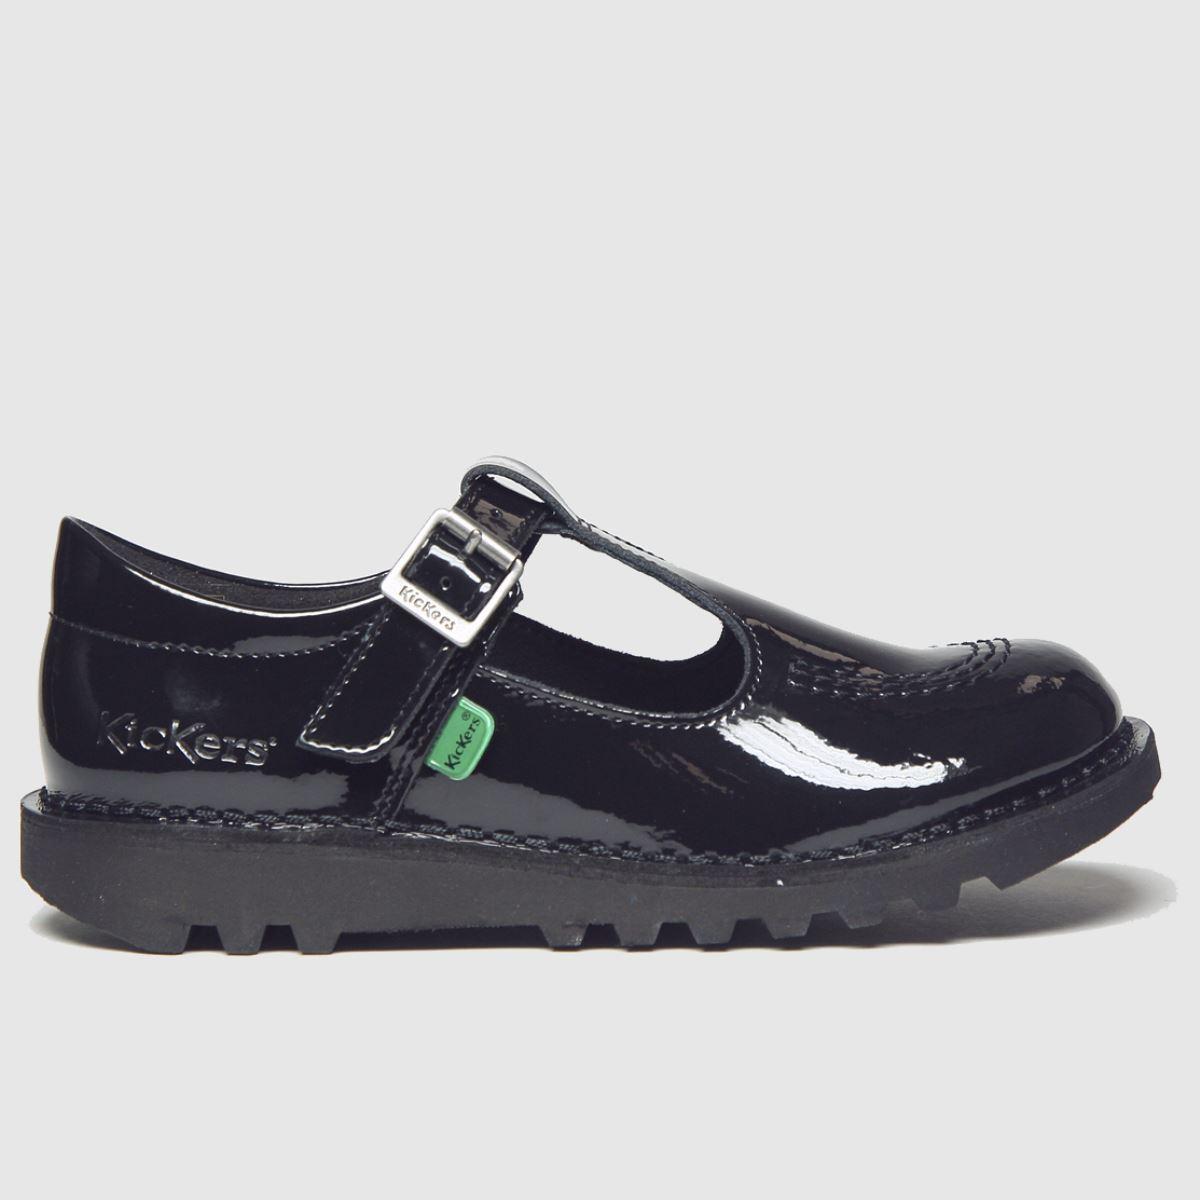 Kickers Black T Patl Boots Junior